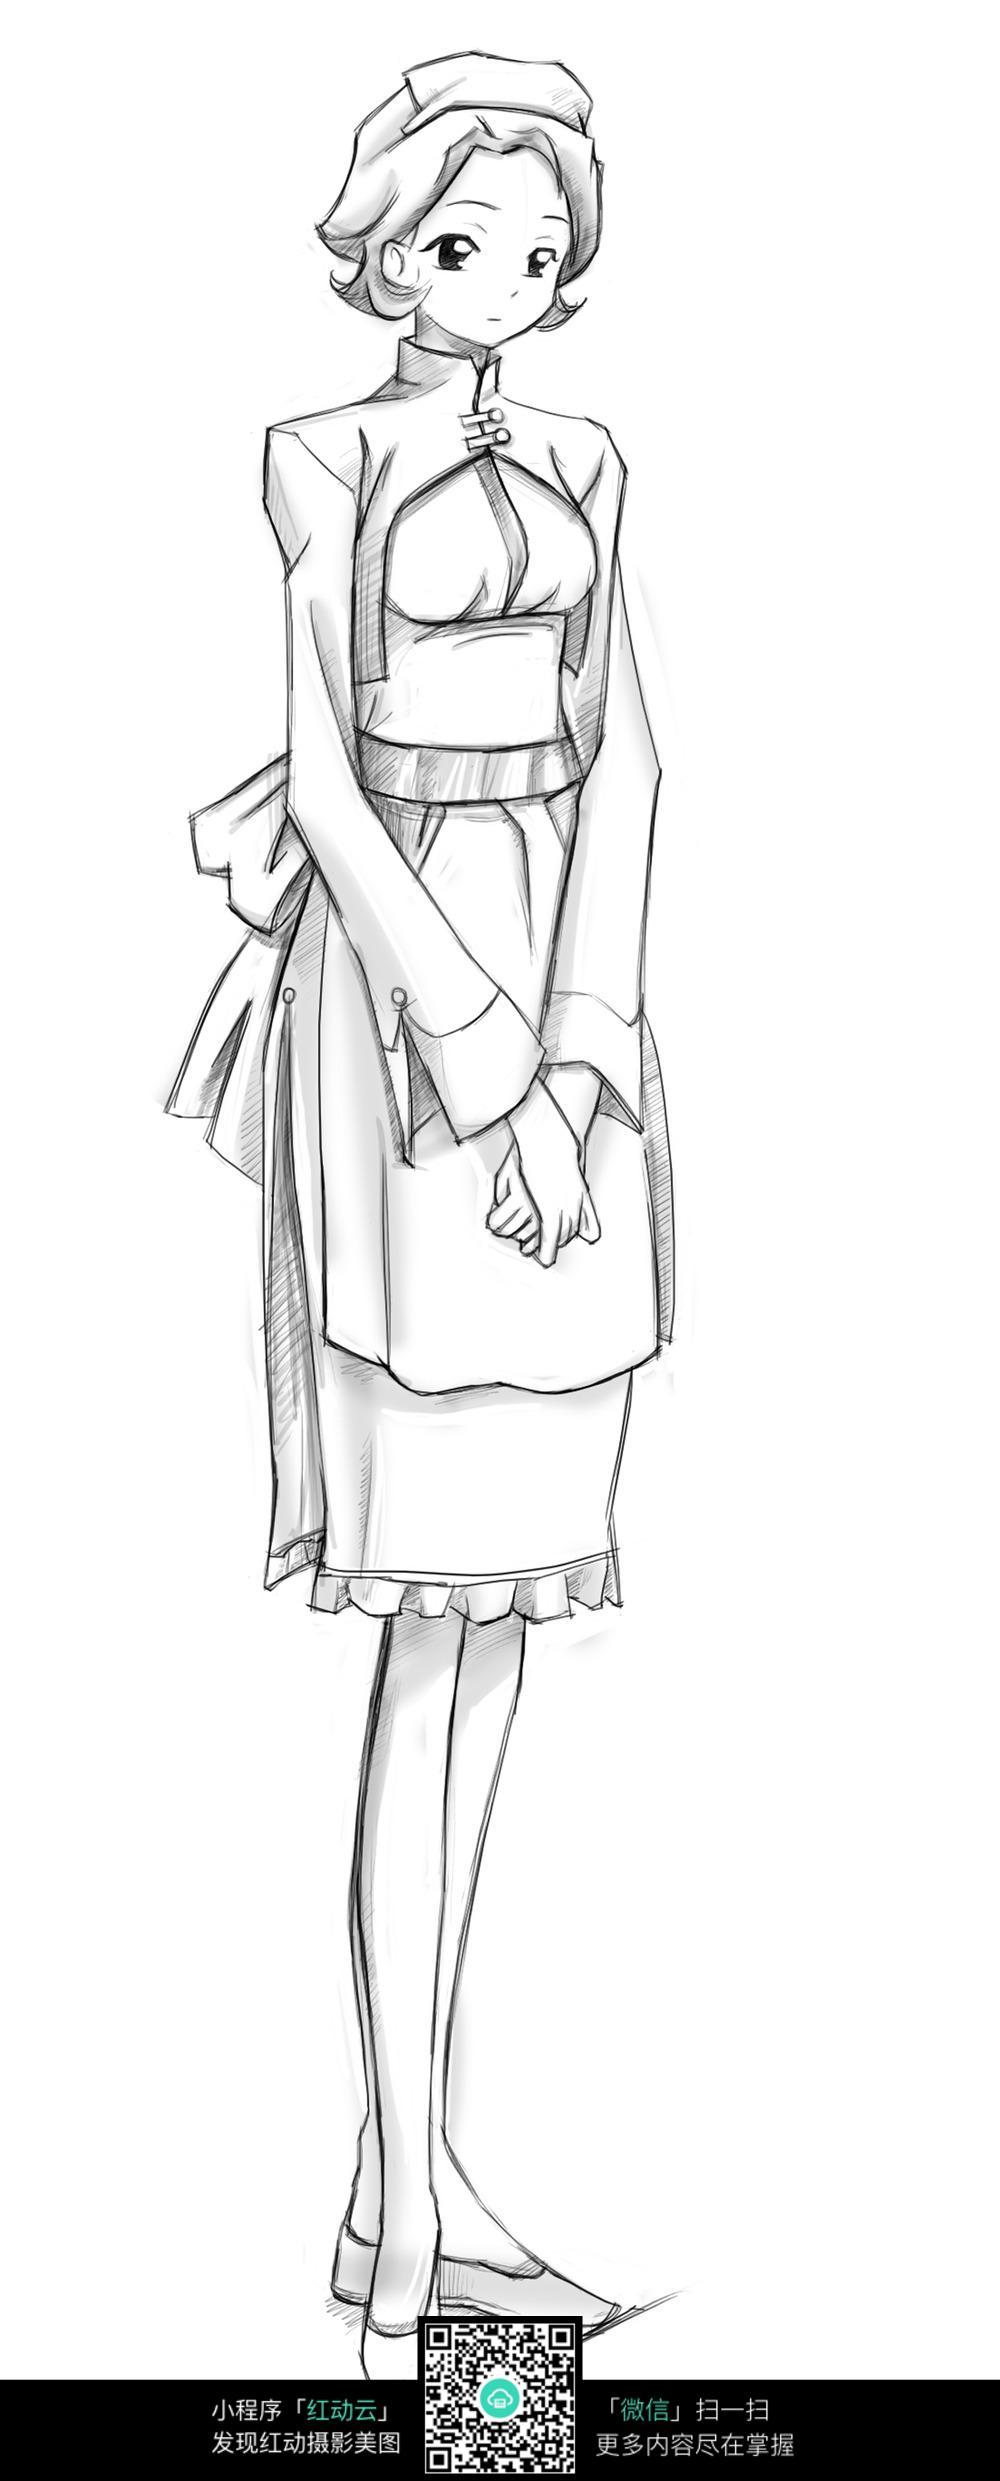 女仆 卡通 手绘线稿 卡通人物 漫画  卡通素材  插画 人物素材 漫画